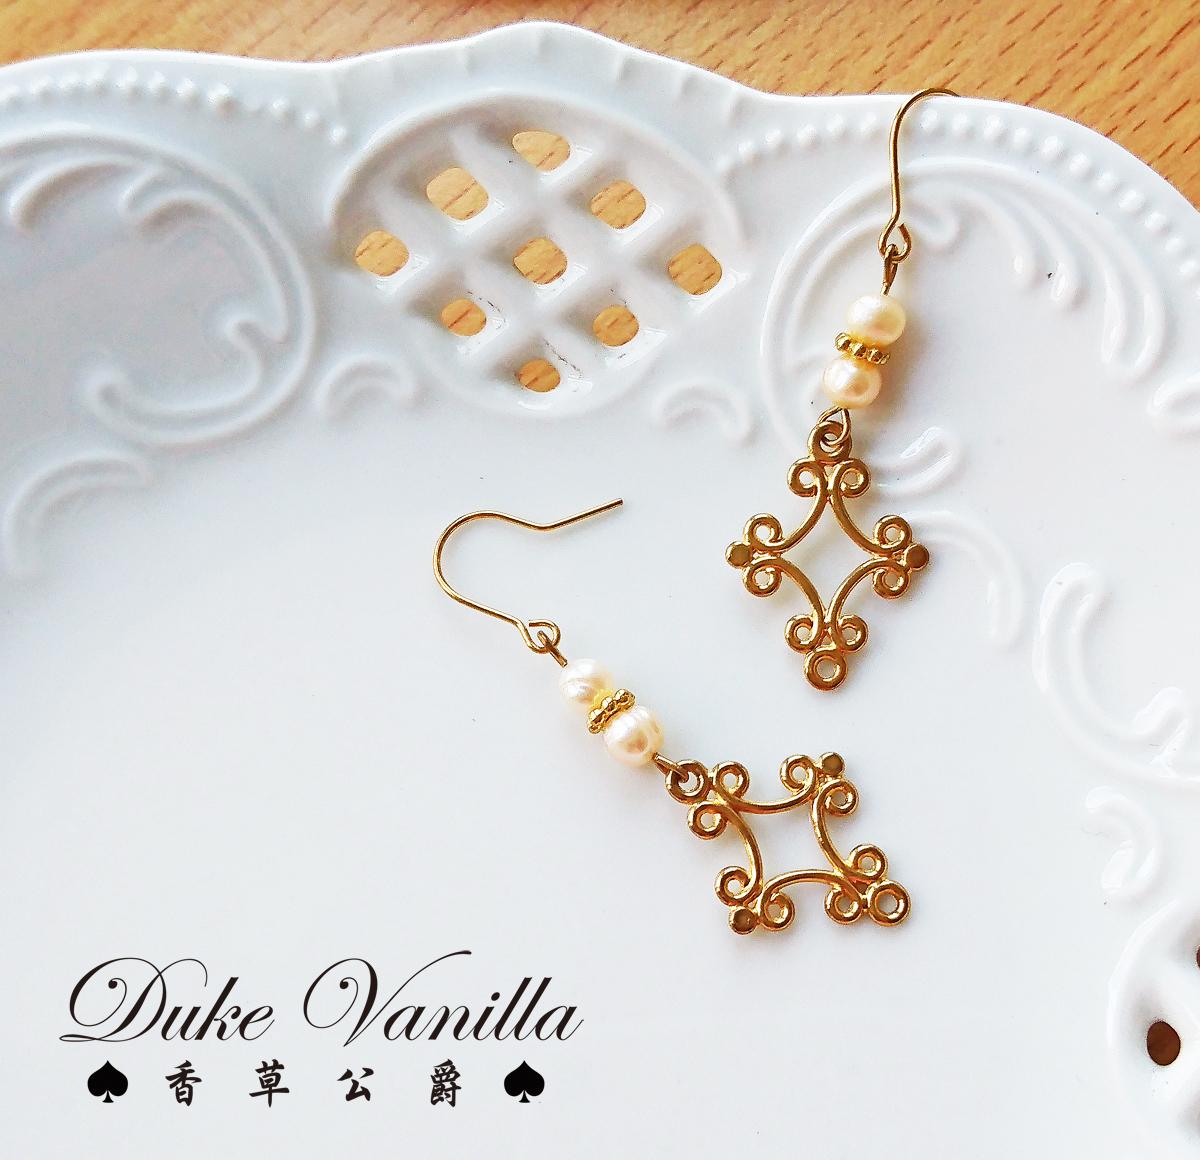 春光序曲*珍珠雕花十字架耳環 - Duke Vanilla 香草公爵